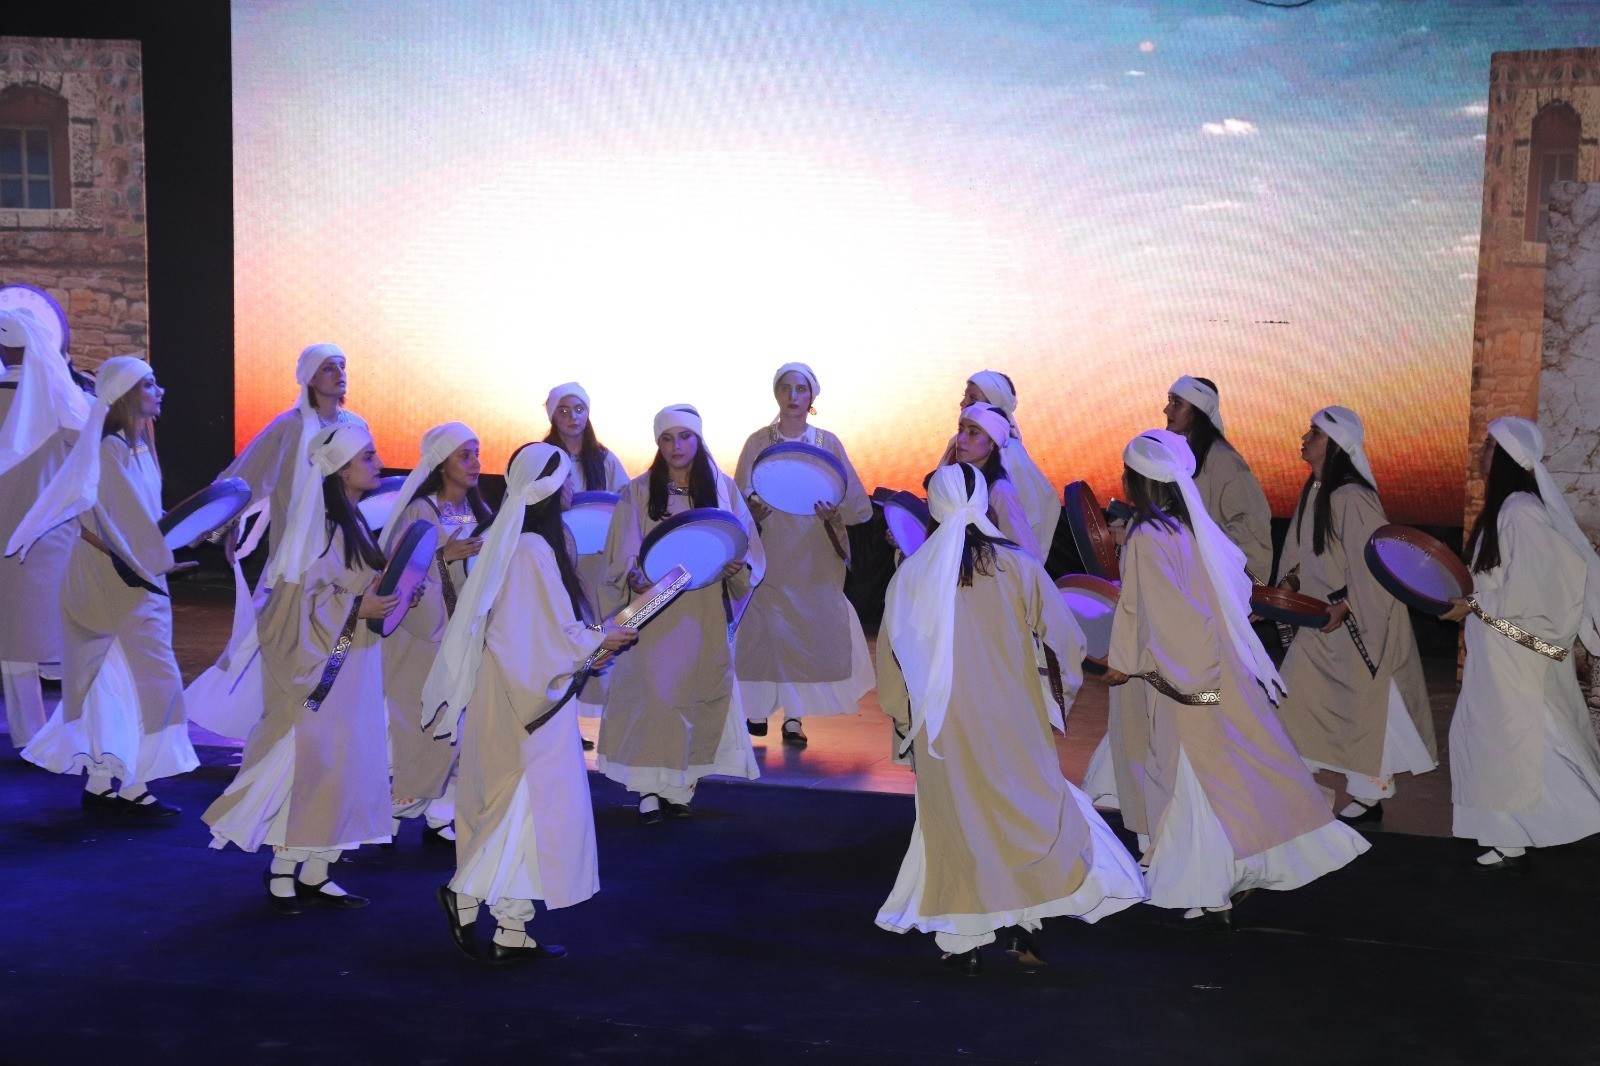 Siirt Belediyesi ev sahipliğinde düzenlenen 'Botan Efsanesi' gösterisi izleyenleri büyüledi